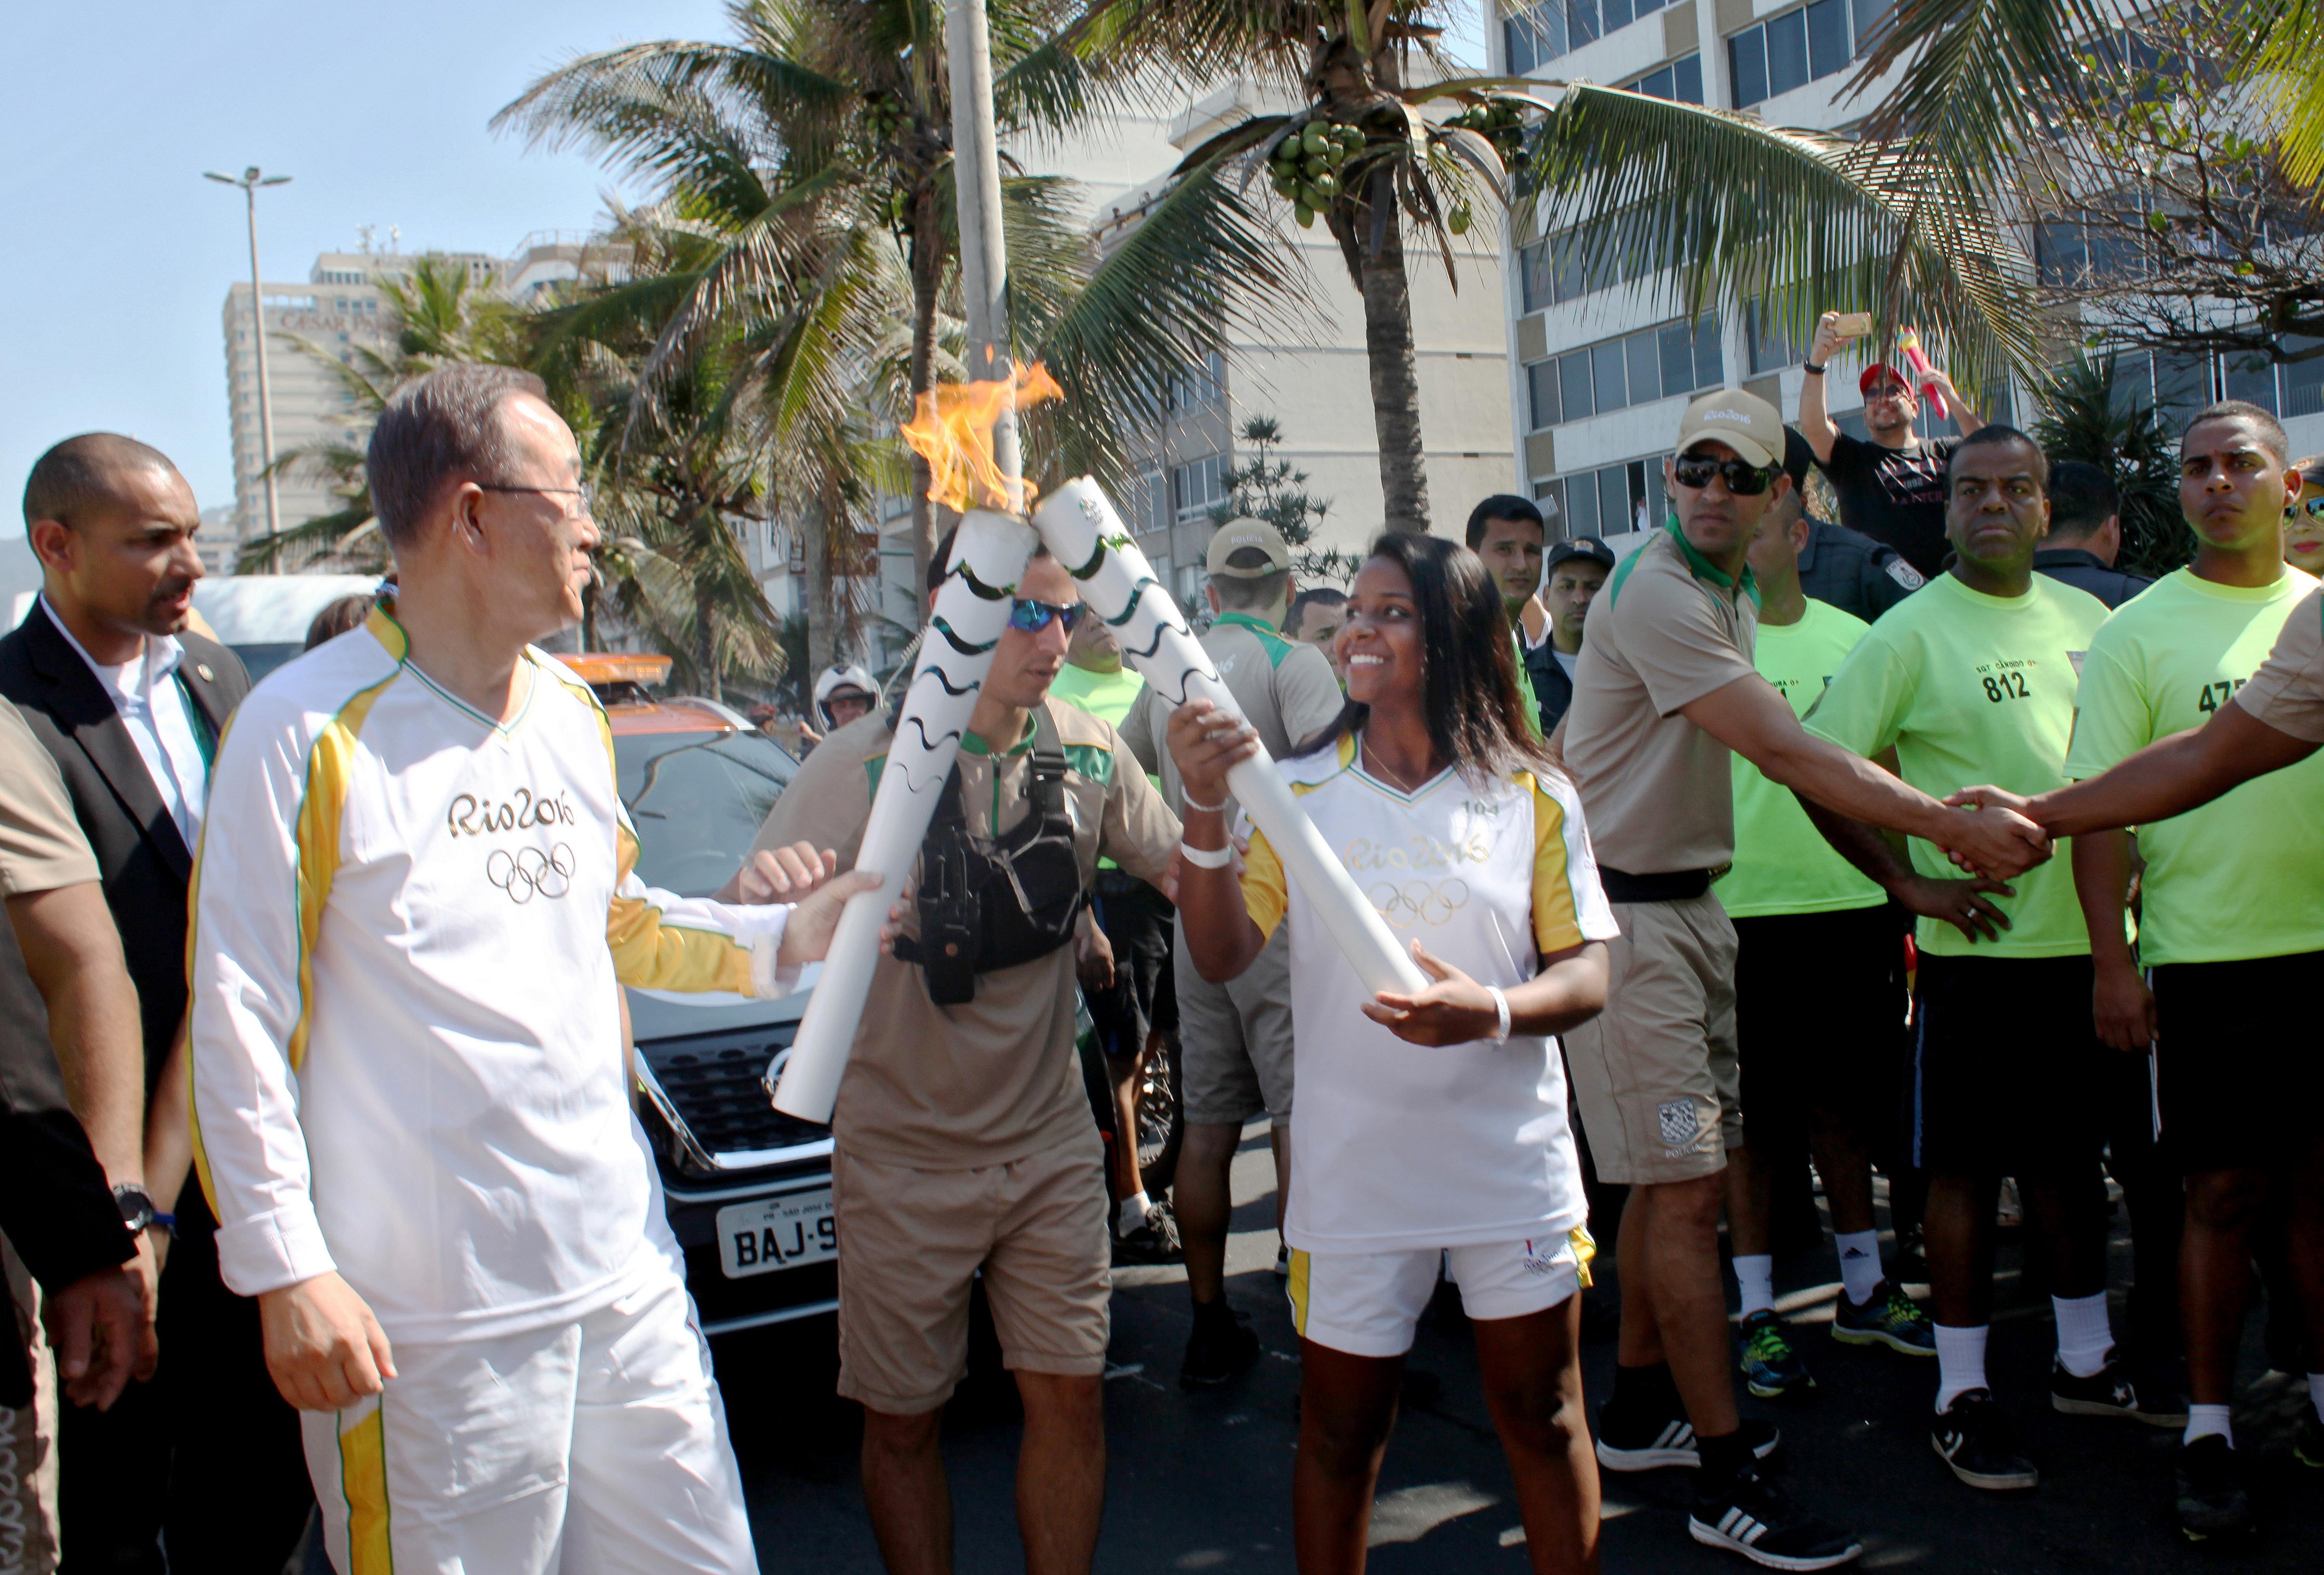 Dia da Mulher Afro latinoamericana, afro caribenha e da diáspora, um dia de celebração e visibilidade: a ONU Mulheres Brasil incentiva o empoderamento de meninas e jovens negras em diversas áreas/noticias mulheres no esporte mulheres negras meninas igualdade de genero direitosdasmulheres